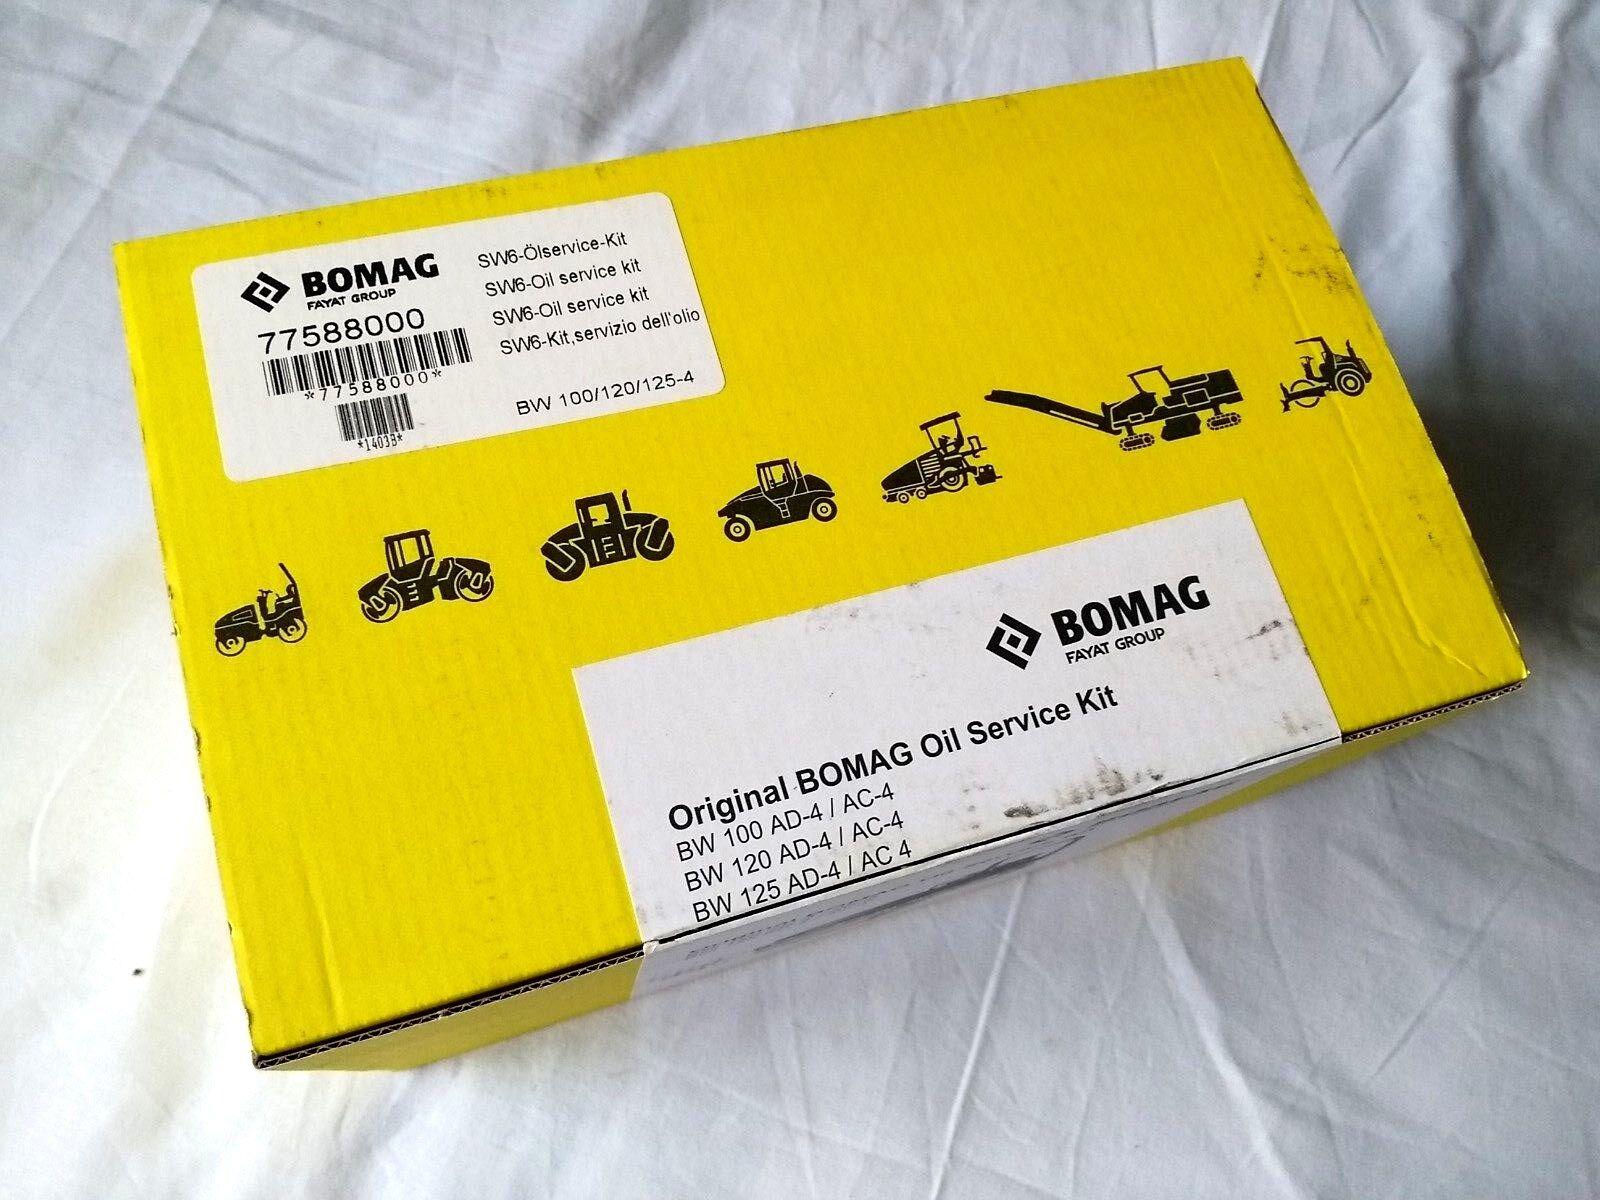 Kit de servicio Bomag SW6 (77588000)